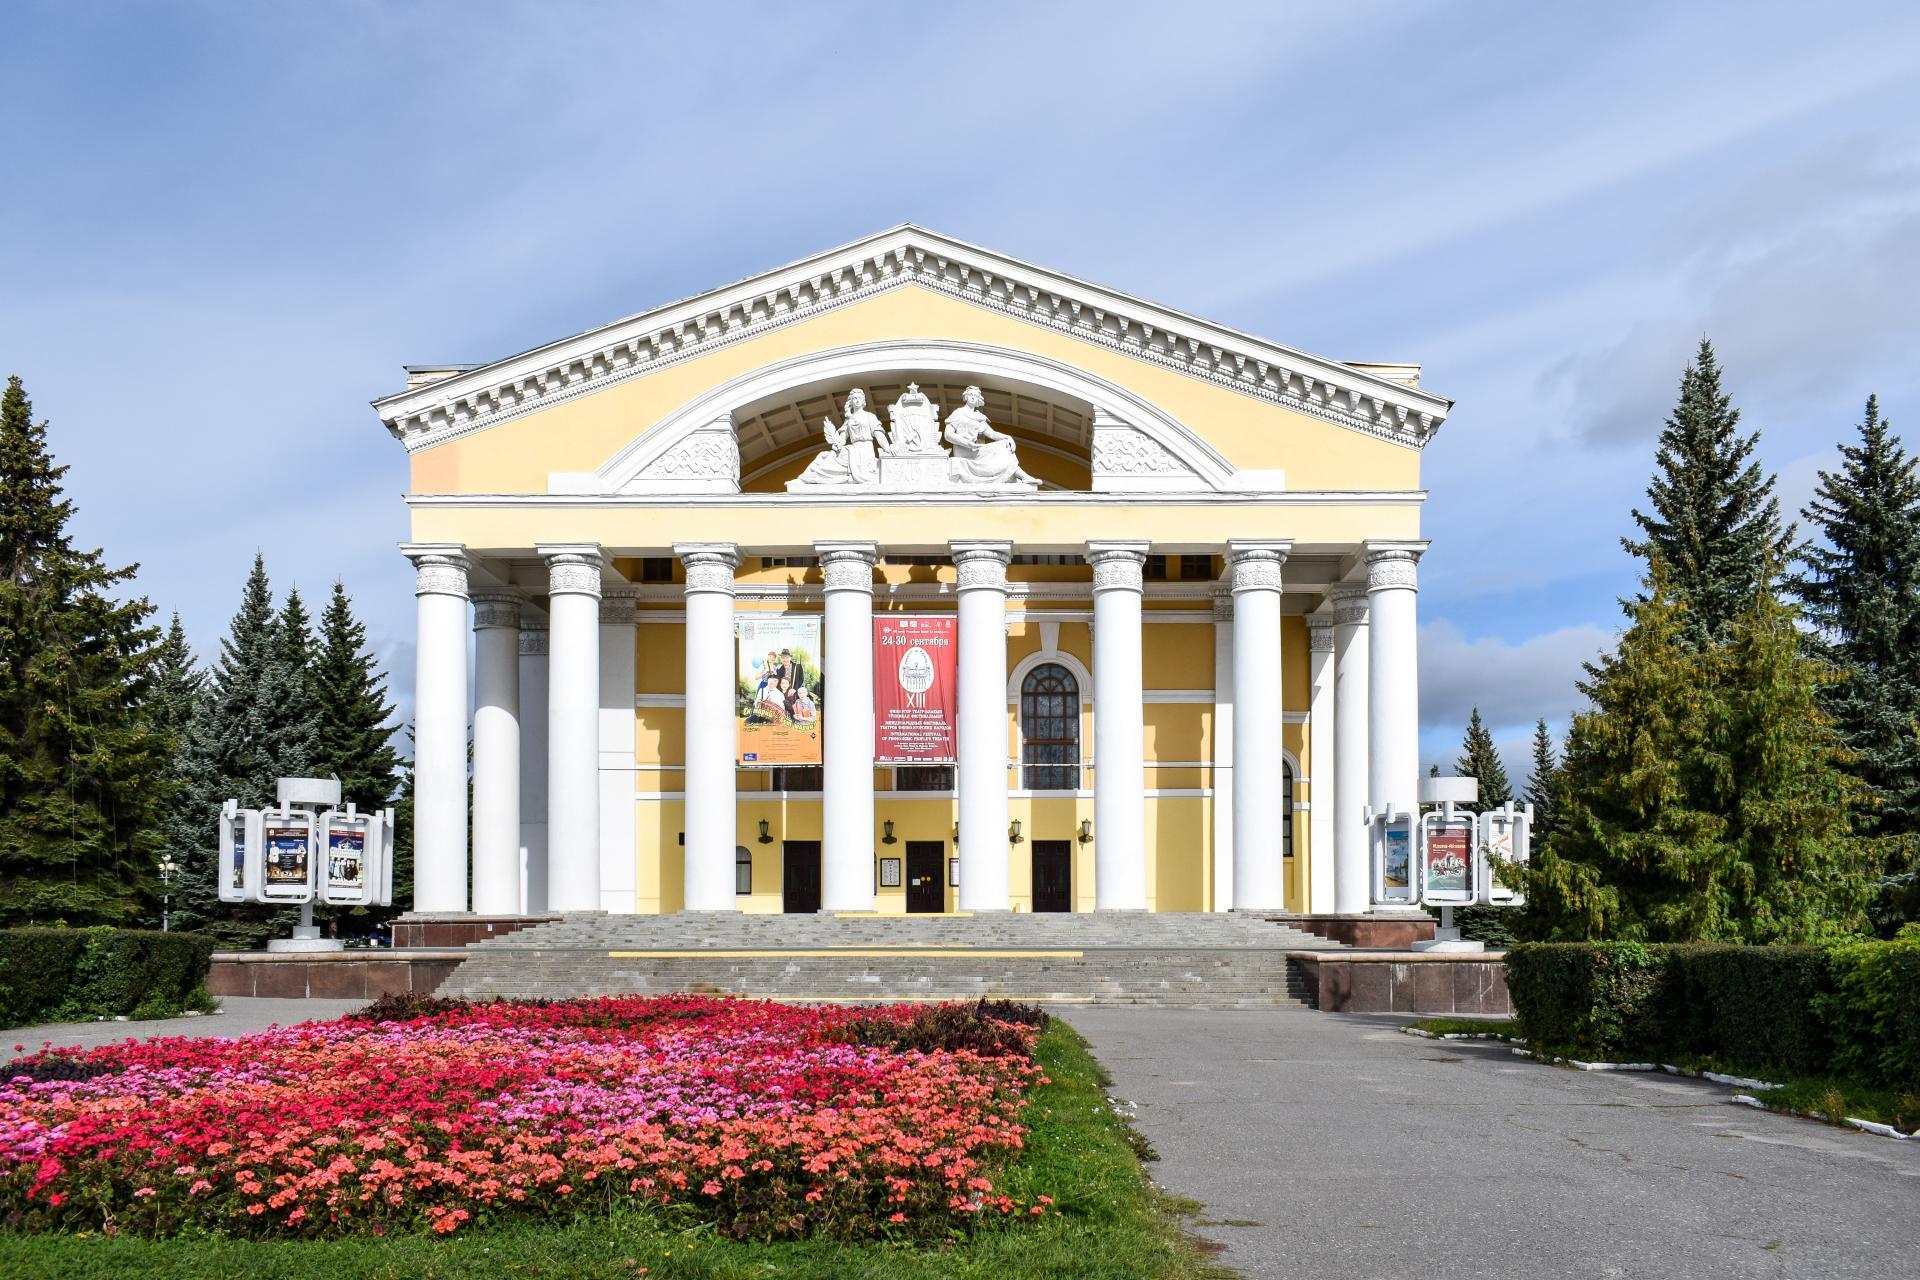 Йошкар-Ола. Один из самых фотогеничных городов России.